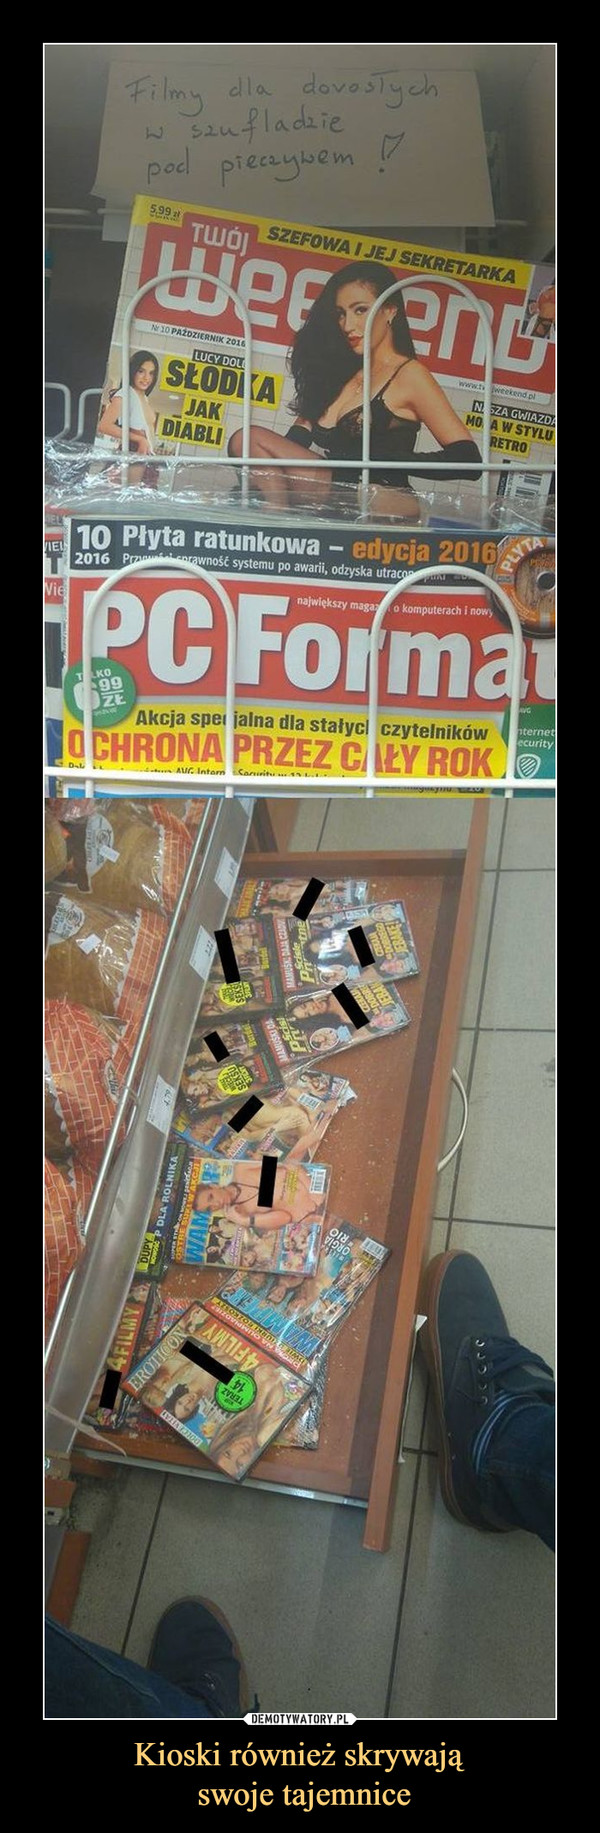 Kioski również skrywają swoje tajemnice –